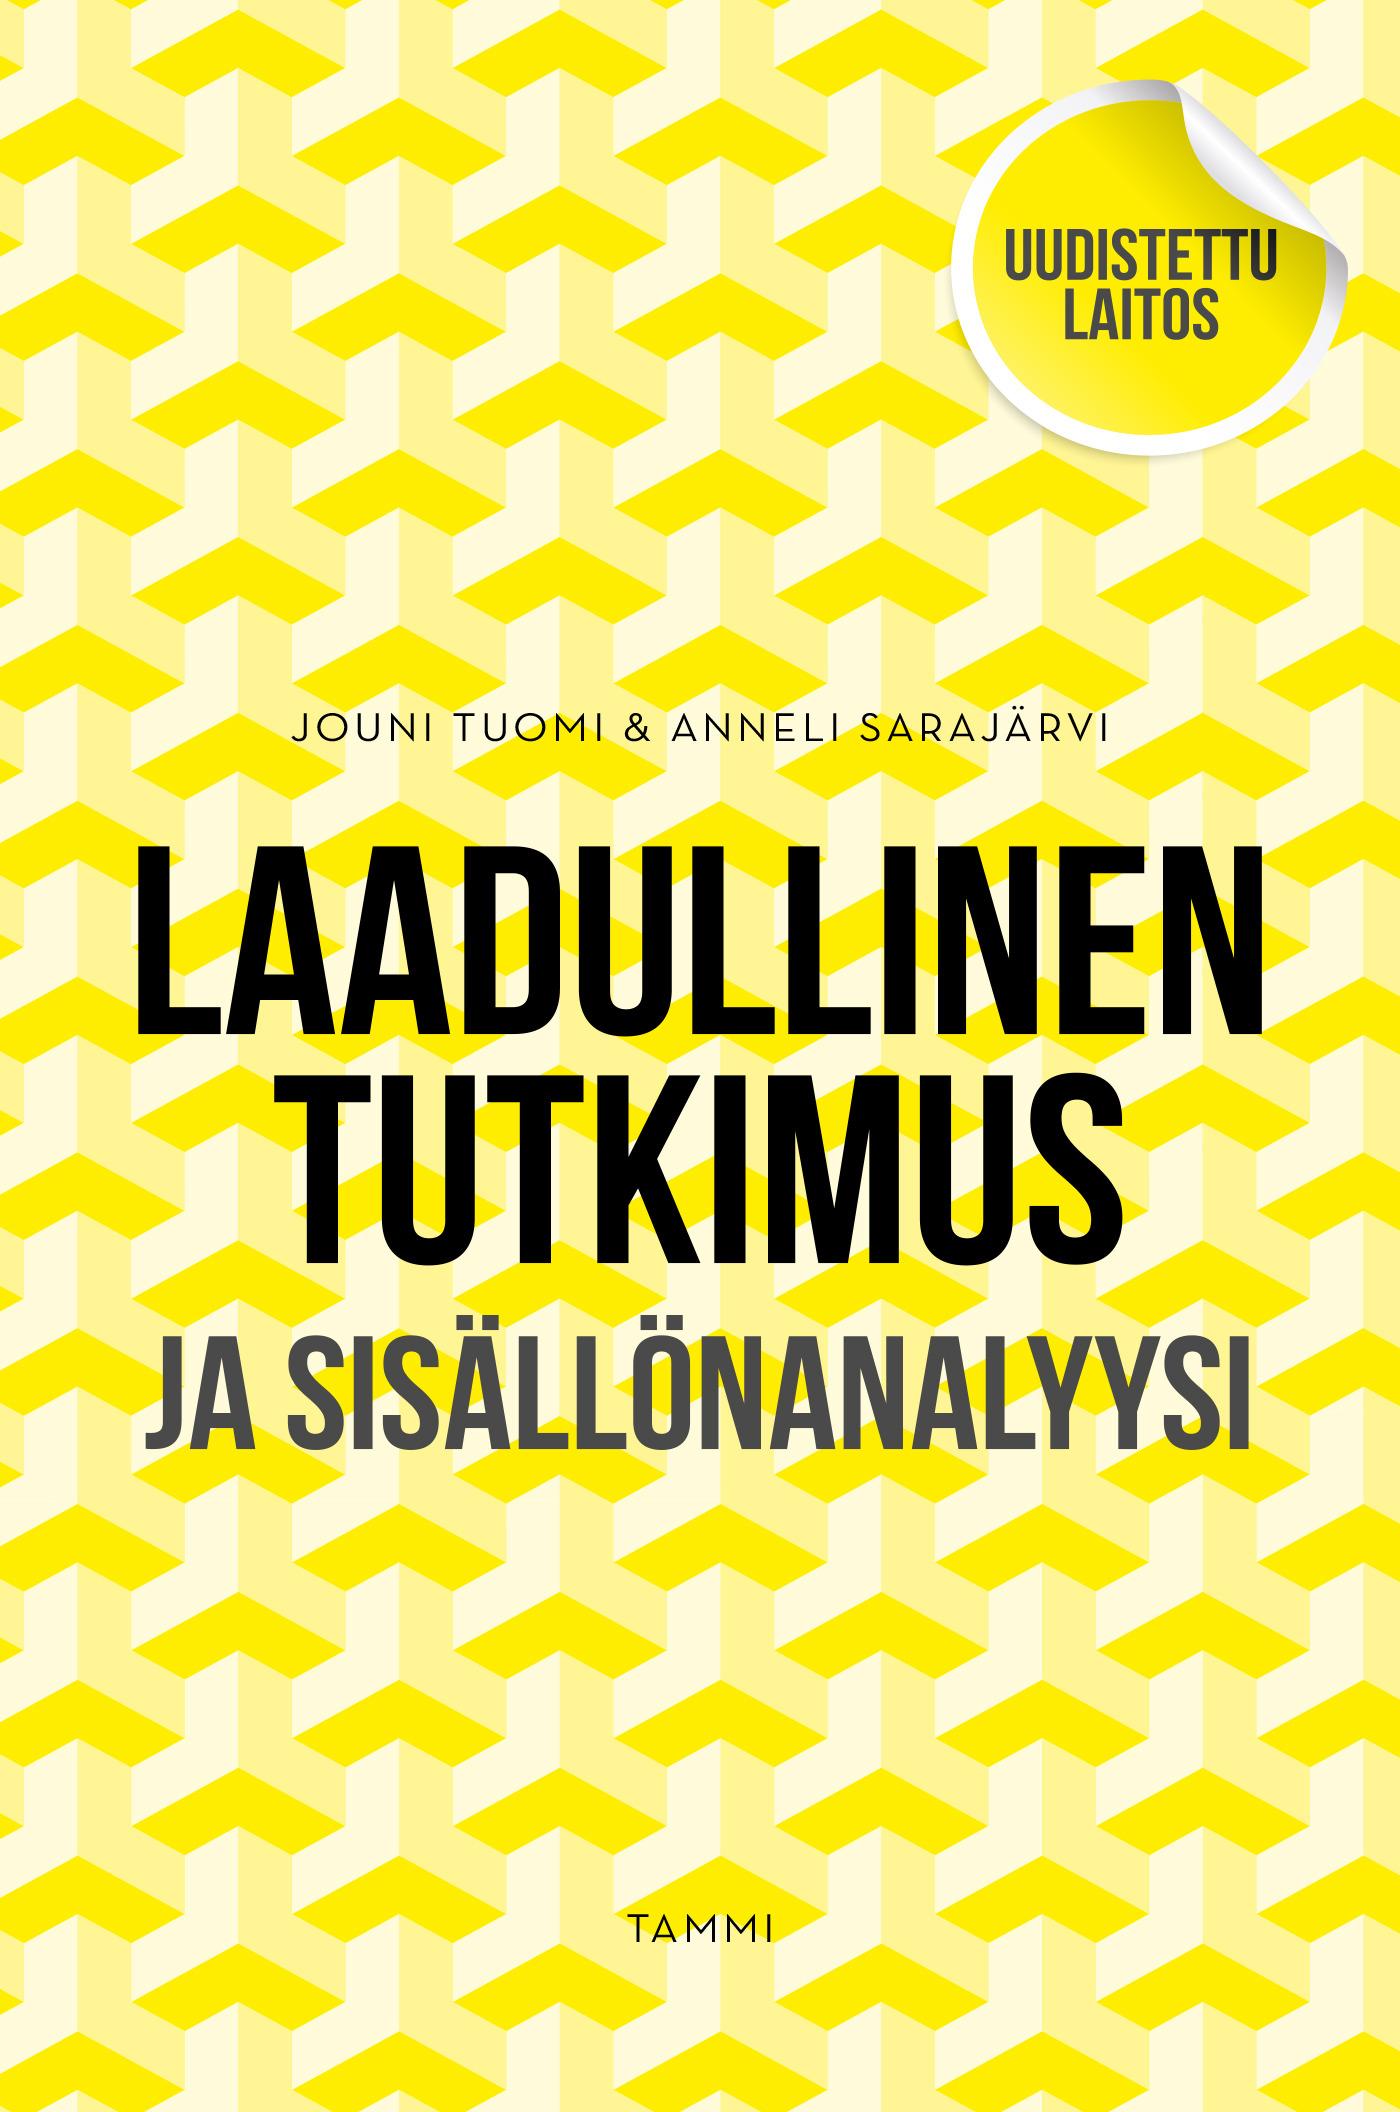 Tuomi, Jouni - Laadullinen tutkimus ja sisällön analyysi: Uudistettu laitos, e-kirja